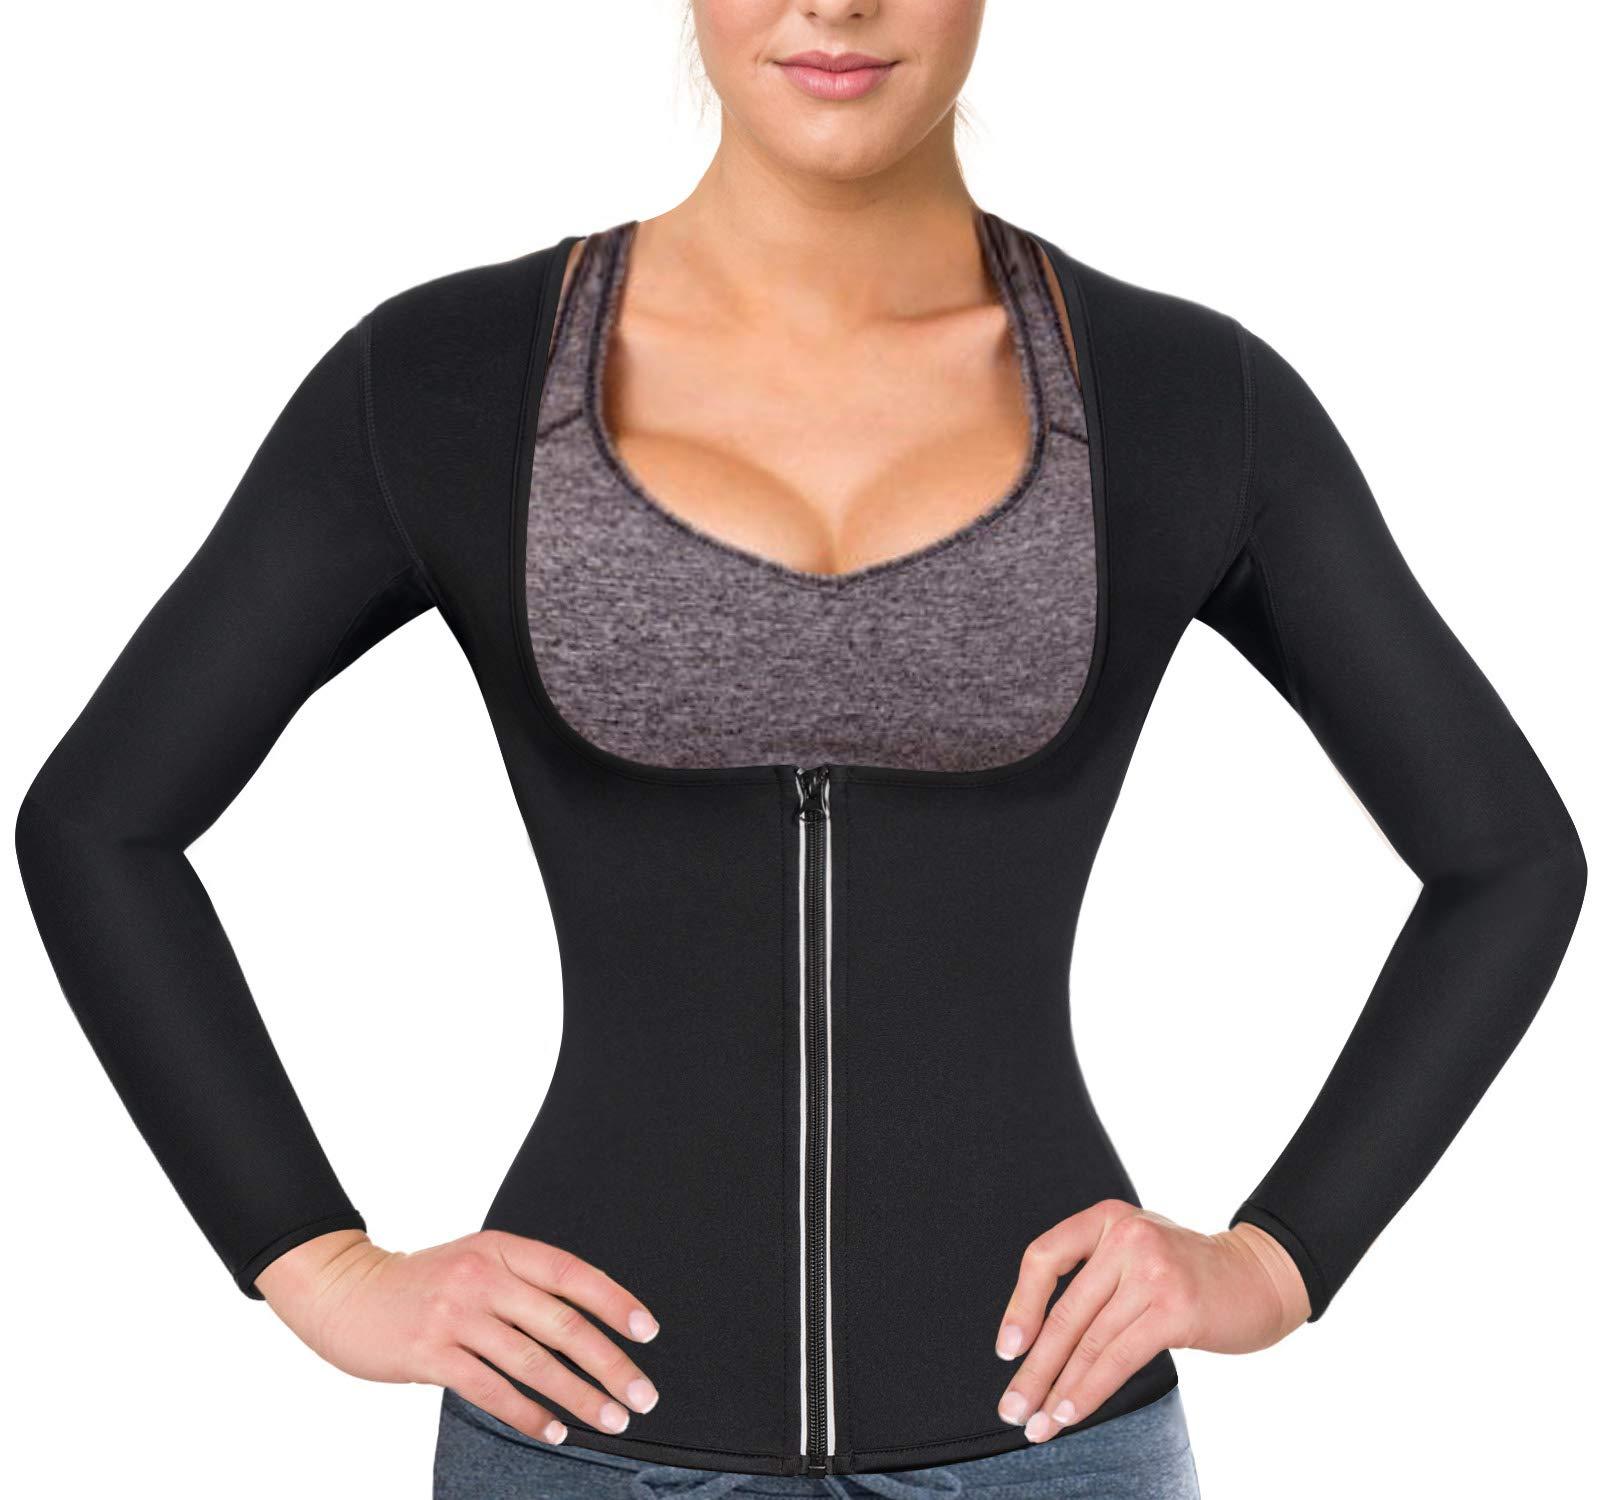 Women Sauna Suit Waist Trainer Neoprene Shirt for Sport Workout Weight Loss Corset Hot Body Shaper Top (S, Black#2 Long Sleeves)